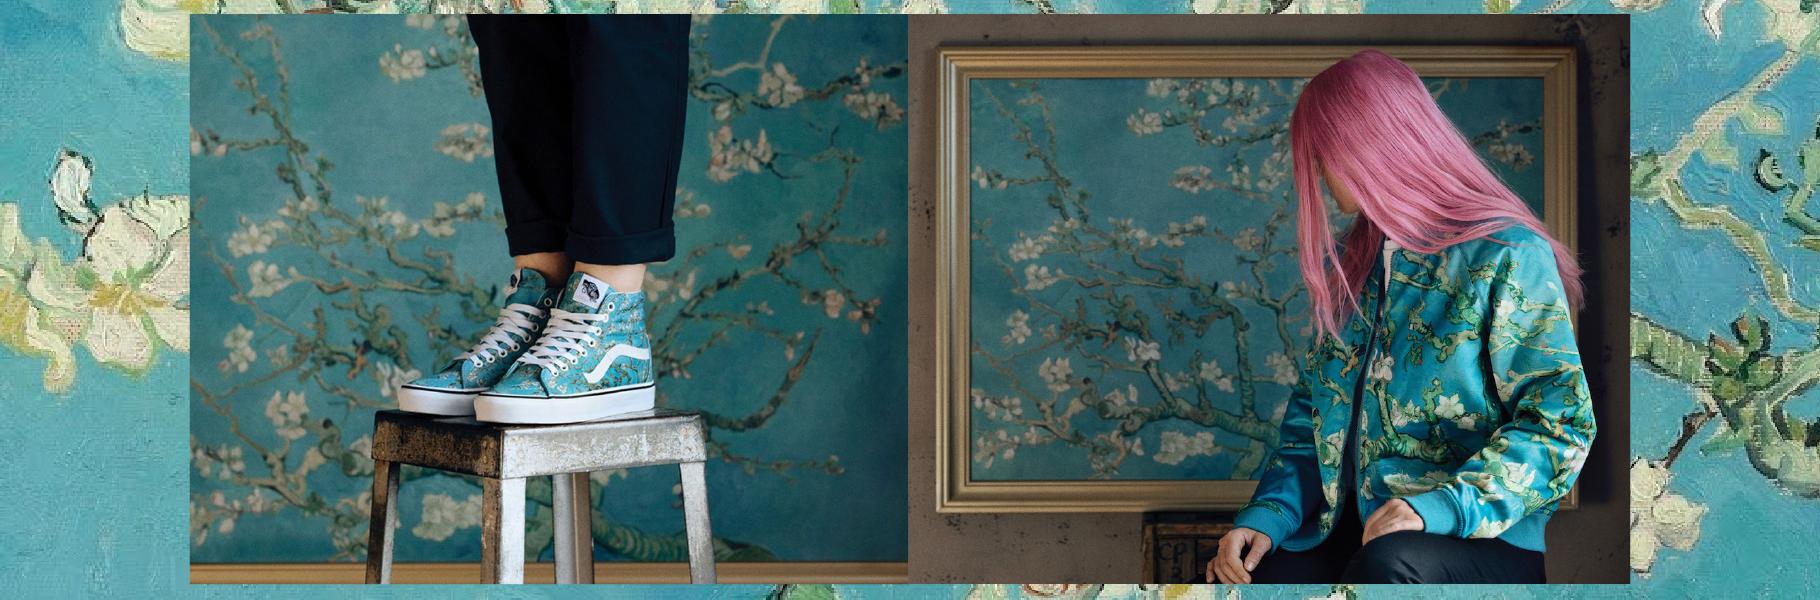 Colección de Vans inspirada en cuadros de Van Gogh